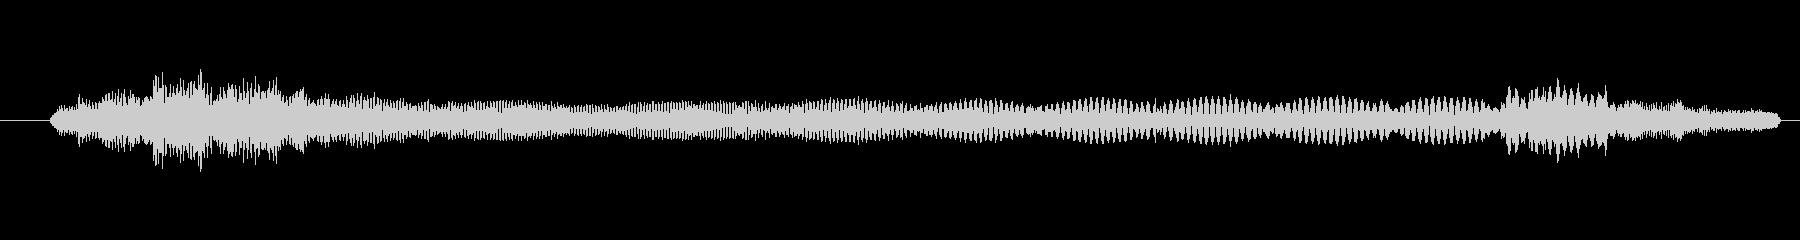 特撮 インターフェース計算05の未再生の波形